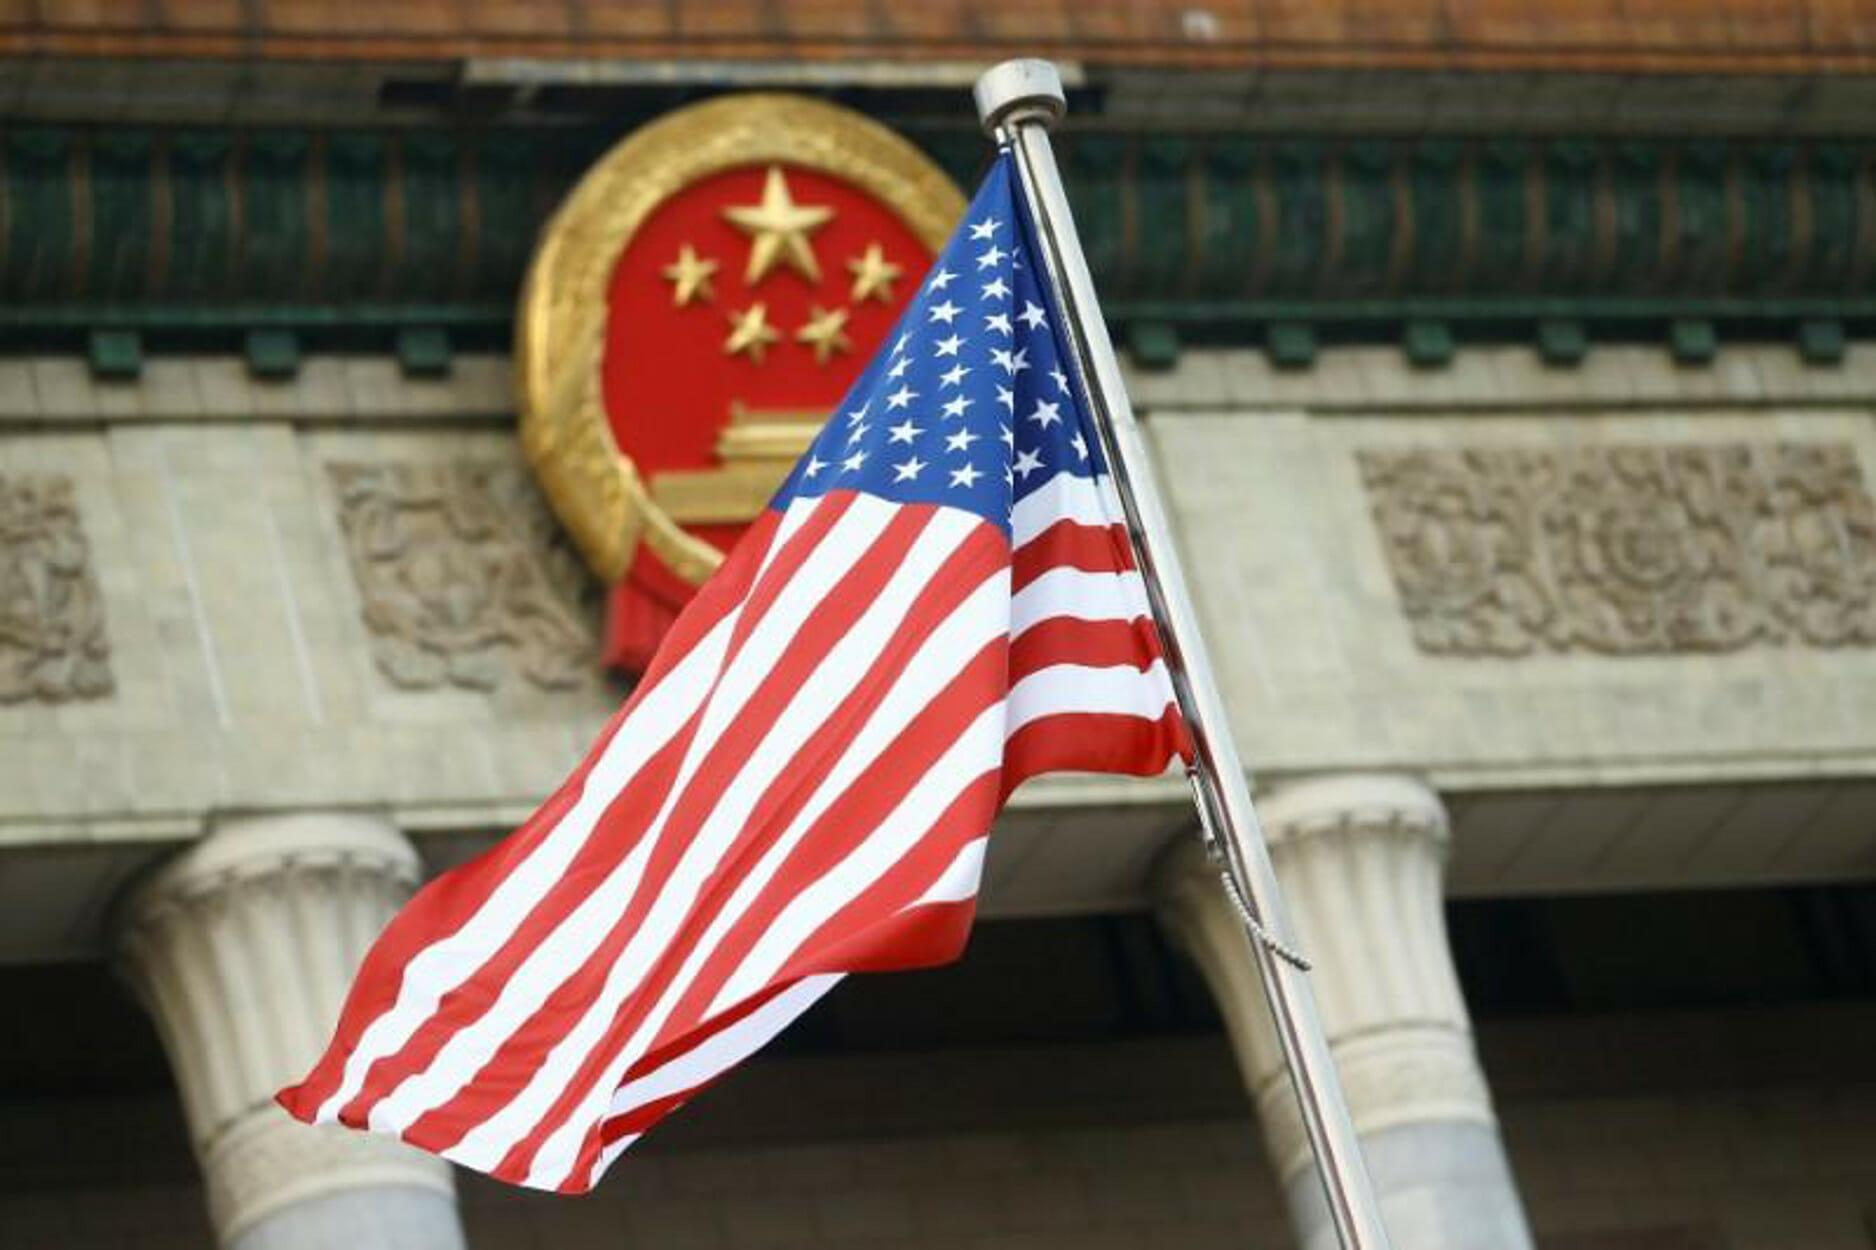 Σενάρια για πόλεμο μεταξύ ΗΠΑ και Κίνας! Τα δεδομένα που δημιουργεί ο κορονοϊός